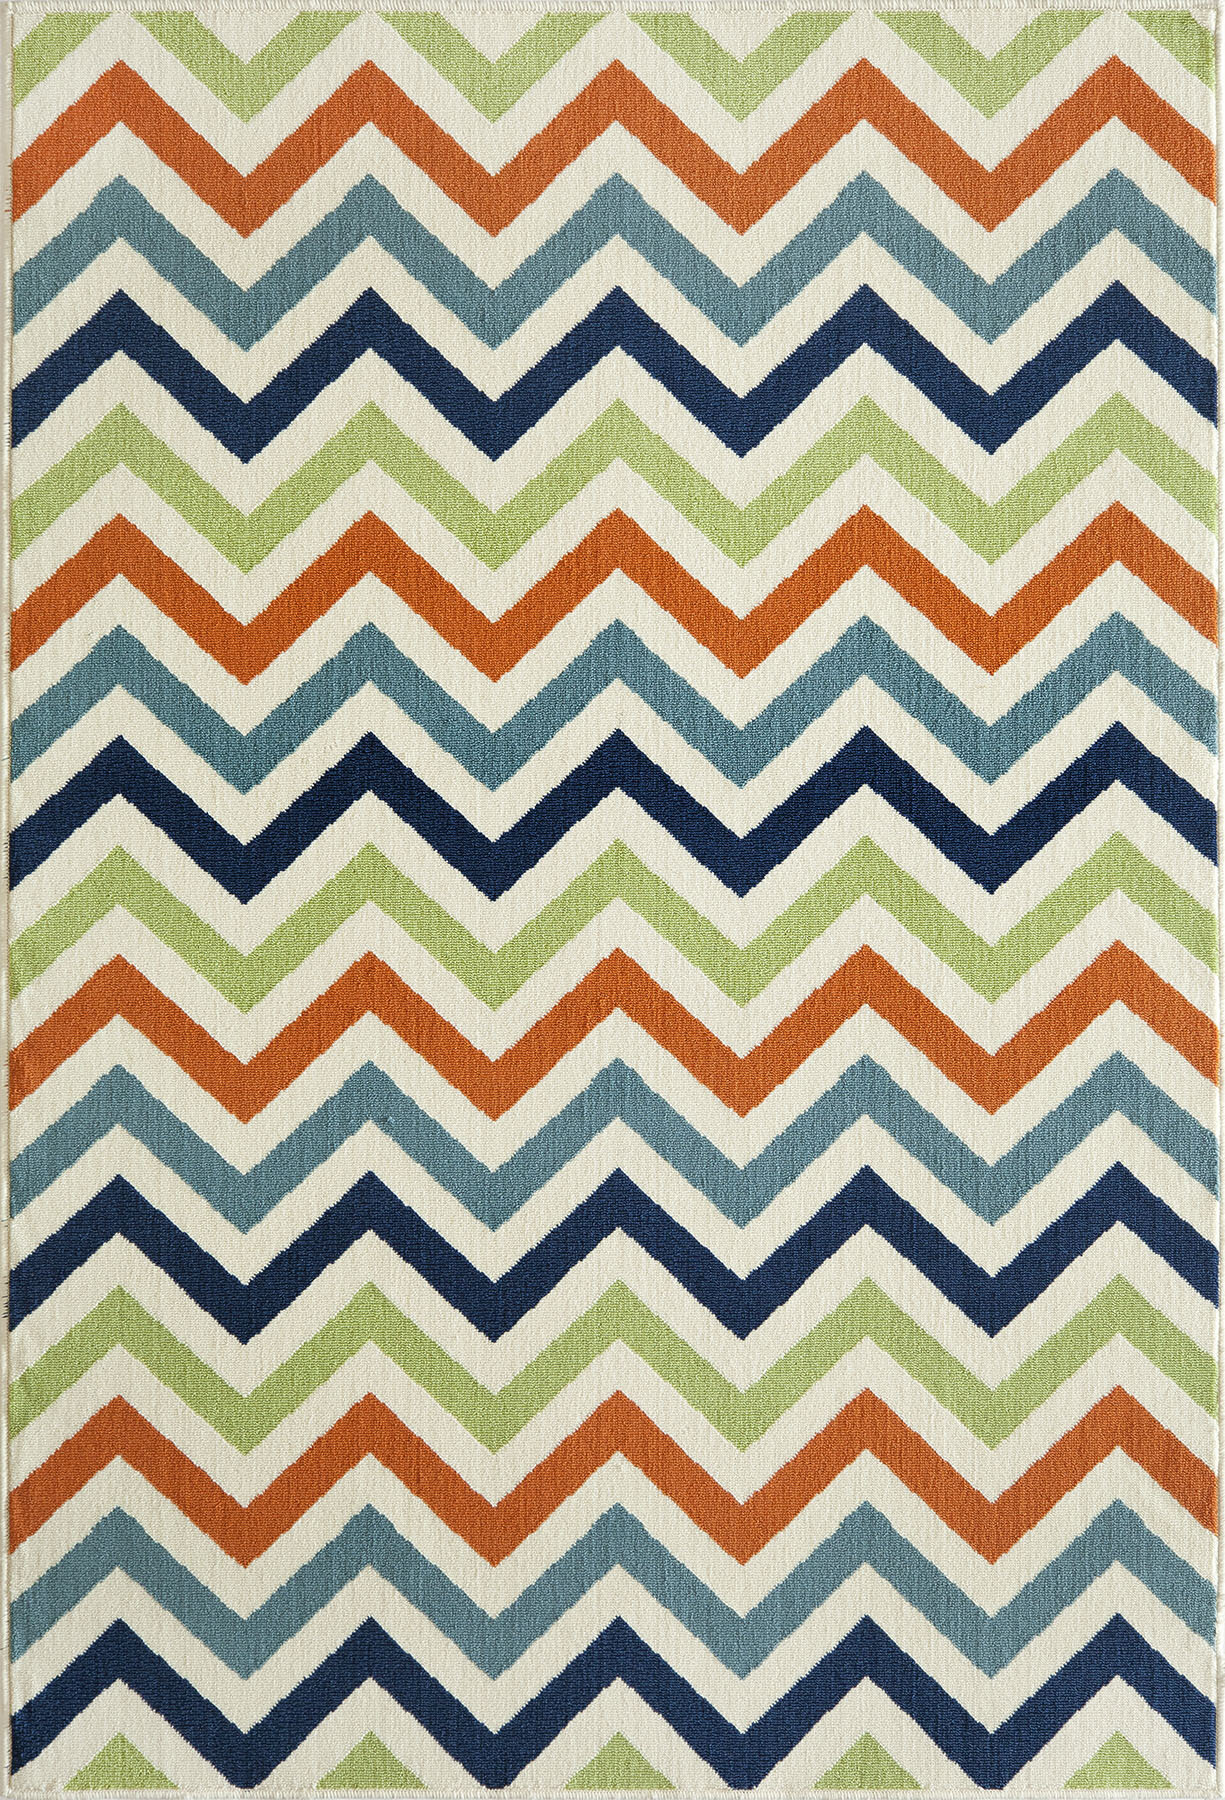 rugs set the stage and exclusive wayfaircom coupon - Wayfaircom Rugs